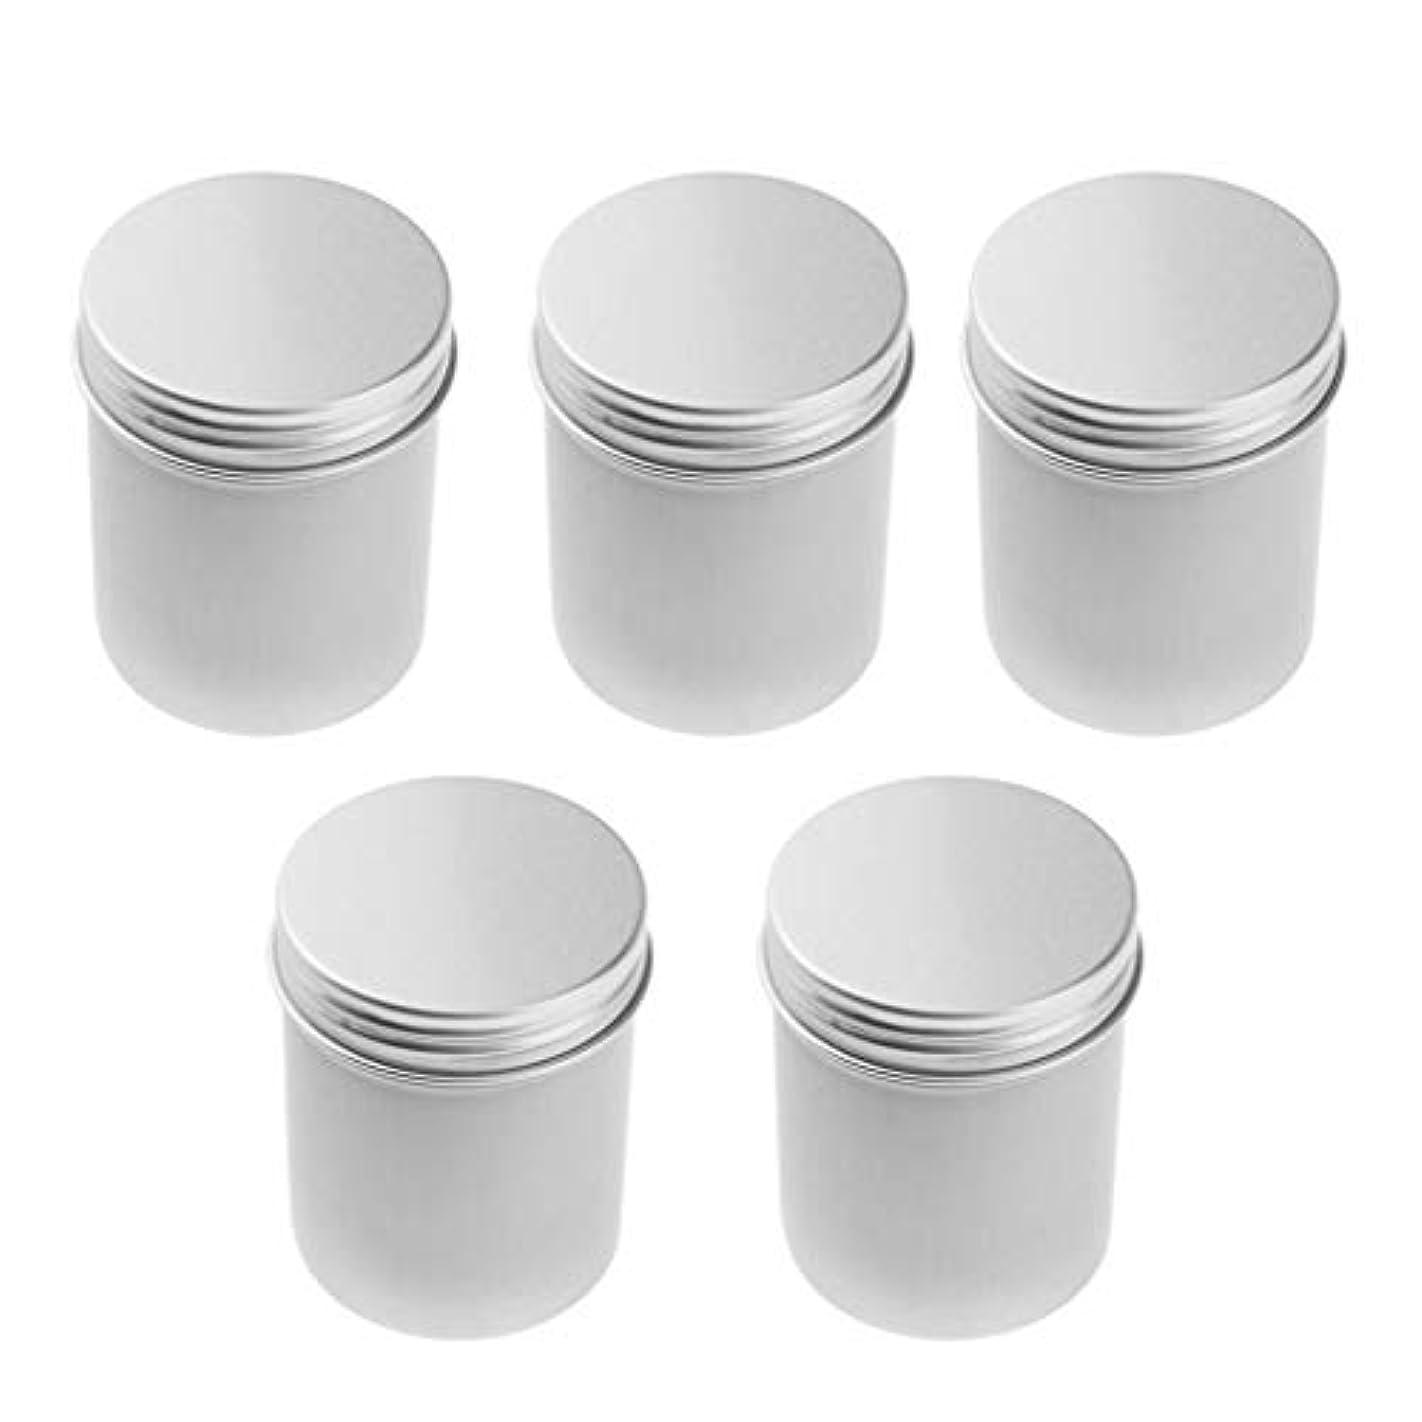 緊張とげのある繁雑IPOTCH アルミ缶 ポット コスメ 化粧品 詰替え容器 缶 ネジ蓋 高級アルミ製 5本 80ミリリットル 汎用